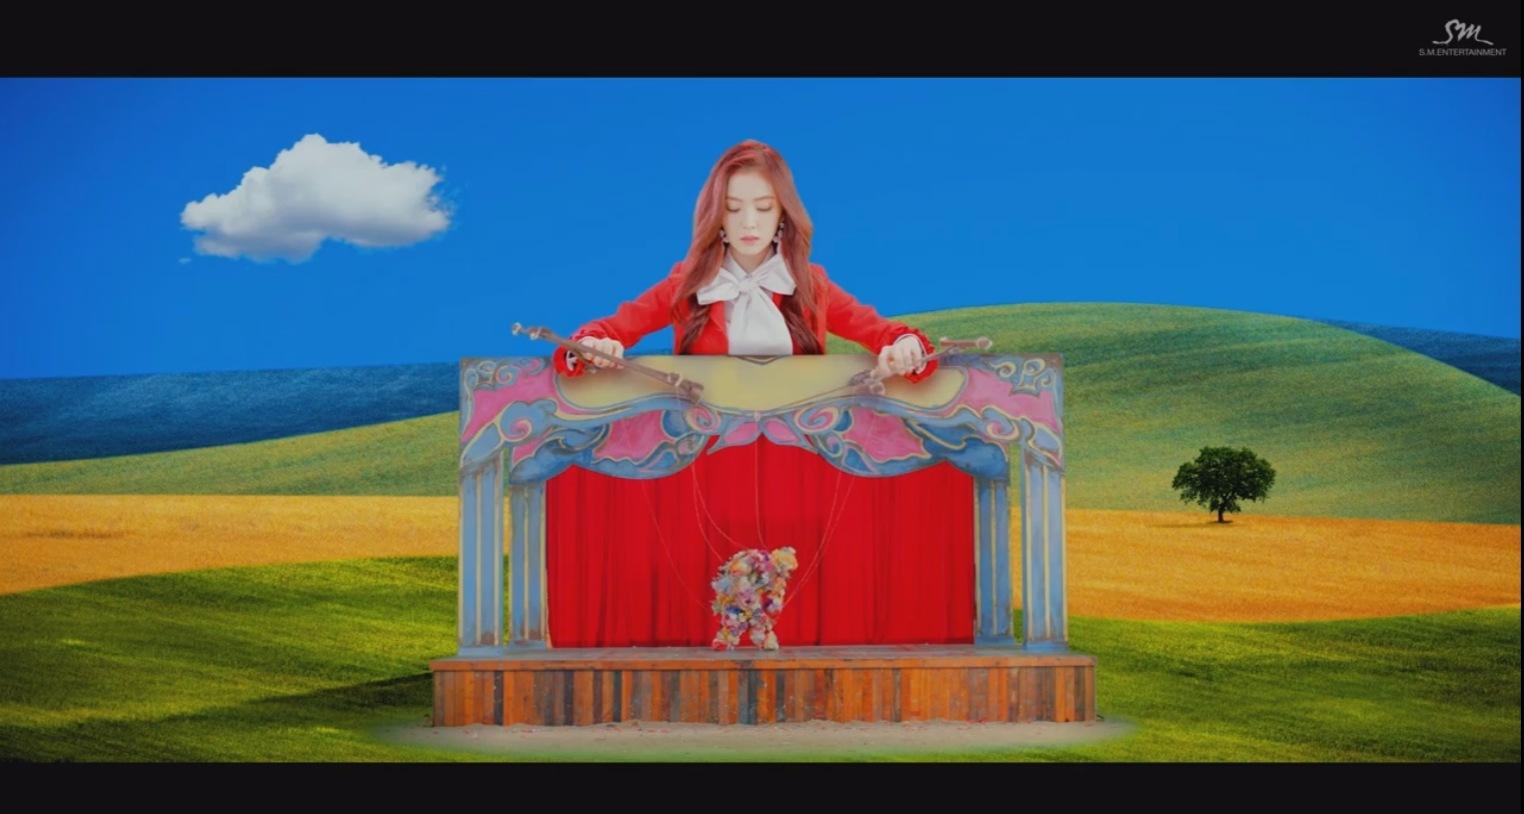 但這次的MV也被網友神解讀,從提線木偶到像是Windows XP的山丘藍天背景,都是在嘲諷韓國總統朴槿惠。提線木偶是指被崔順實操控的朴槿惠,而XP的山丘藍天背景是在2001年10月25日推出,朴槿惠則是在去年的10月25日道歉。 這樣看下來真的感覺到雞皮疙瘩呢!